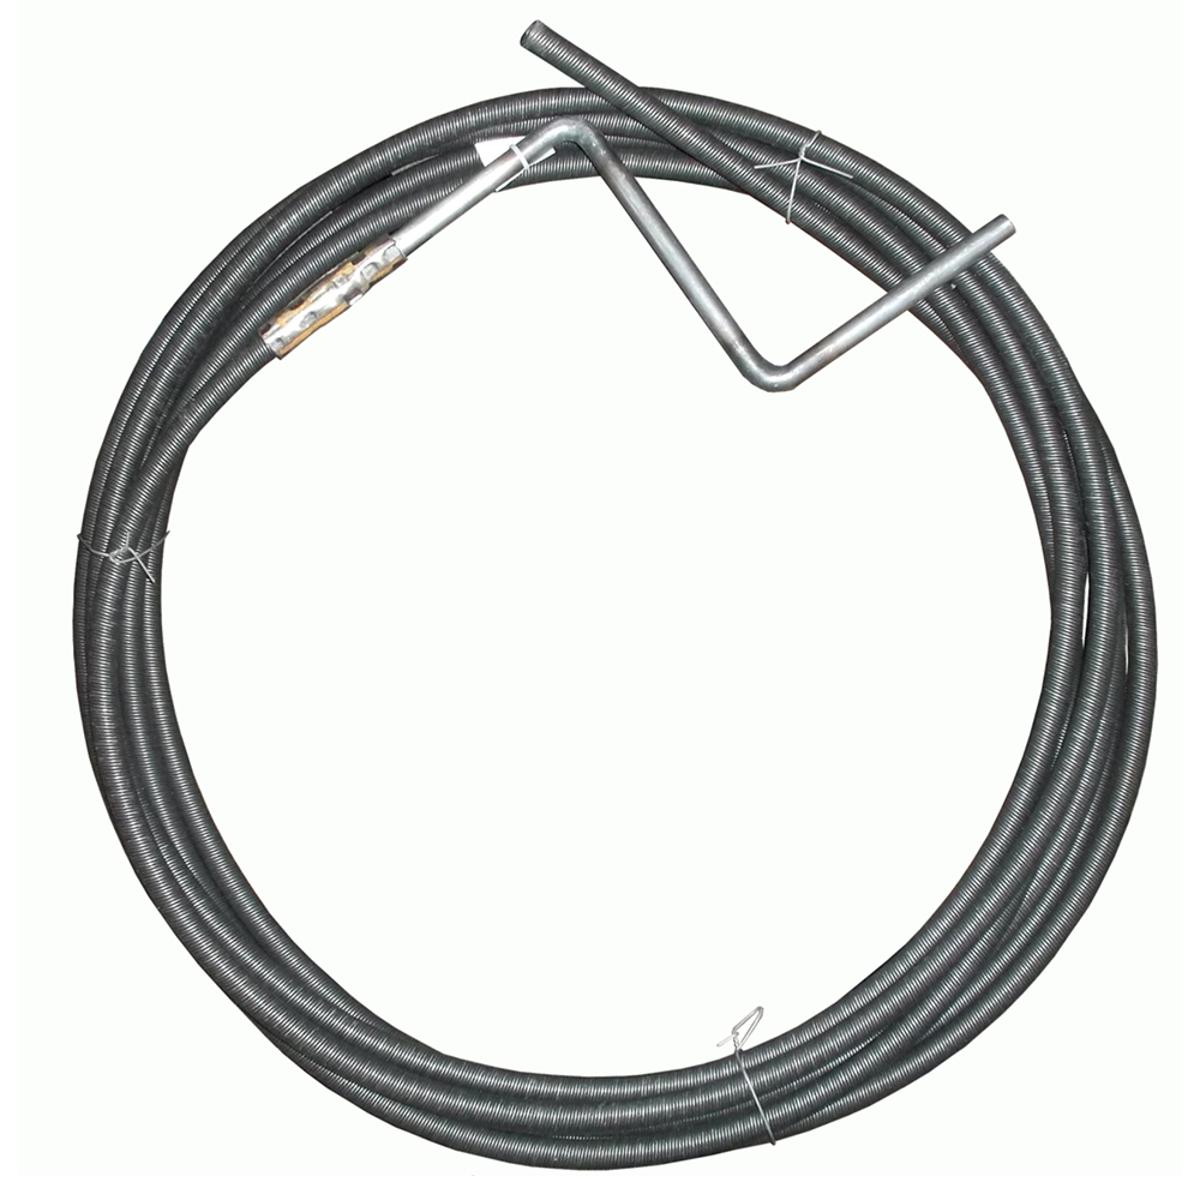 Трос для прочистки канализационных труб Masterprof, пружинный, 9 мм х 5 м531-105Пружинный трос Masterprof выполнен из металла и предназначен для прочистки канализационных труб.Диаметр: 9 мм.Длина: 5 м.